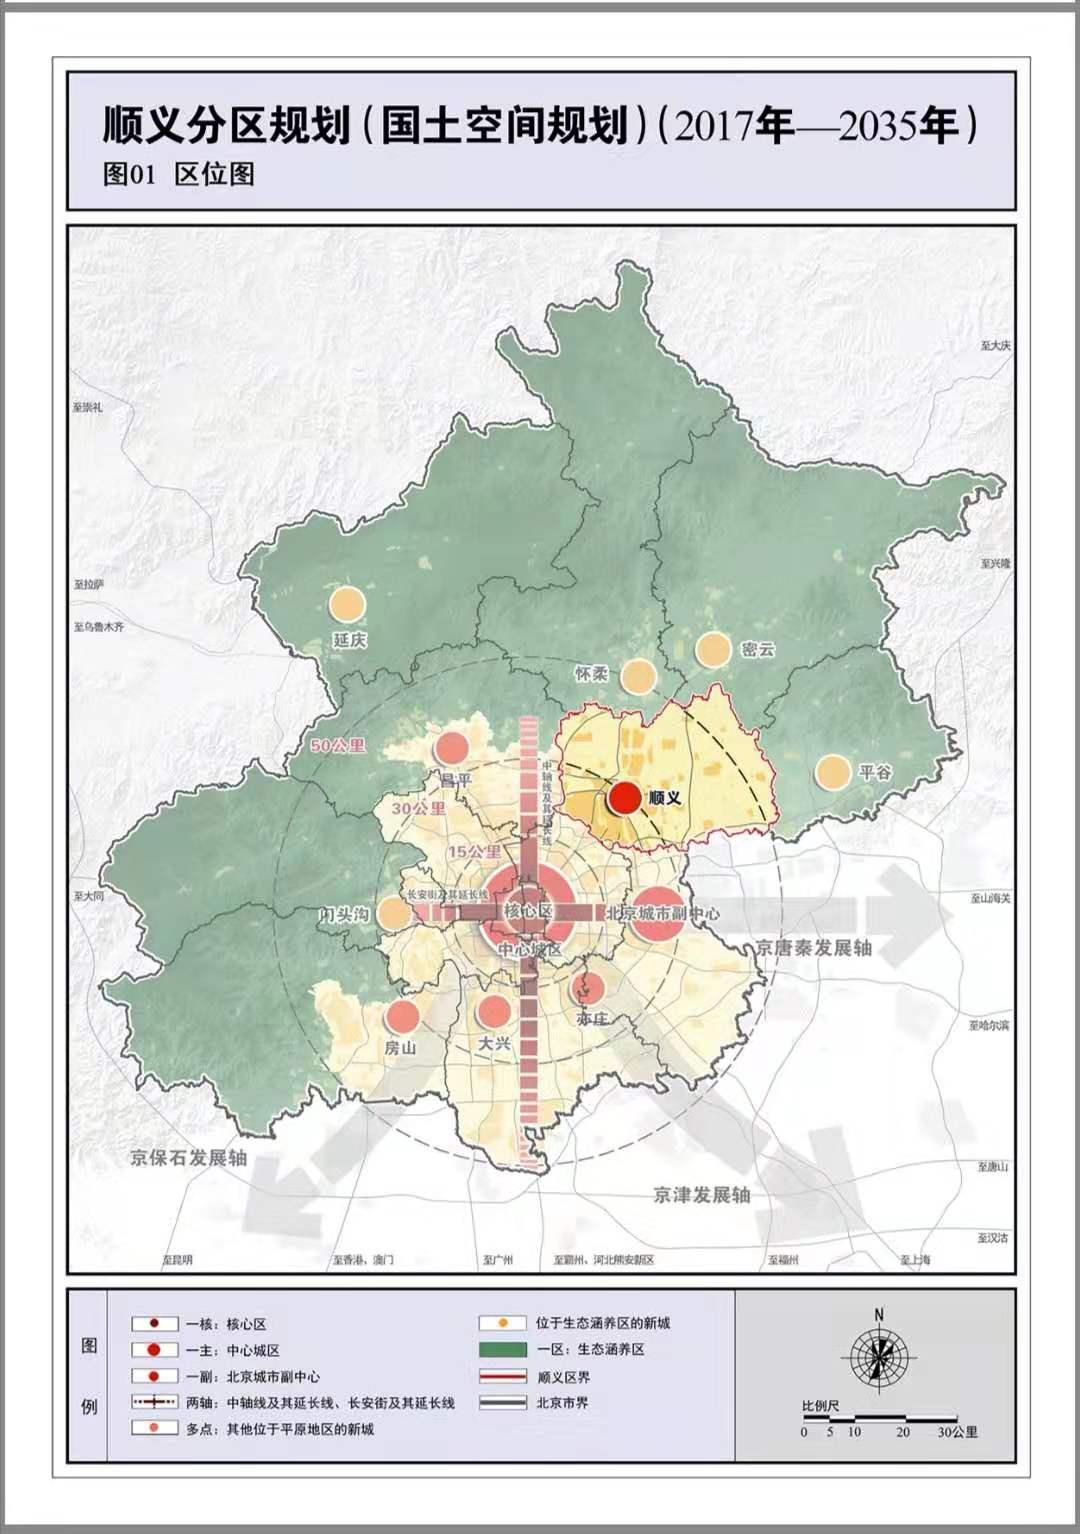 顺义区公布分区规划,将与河北廊